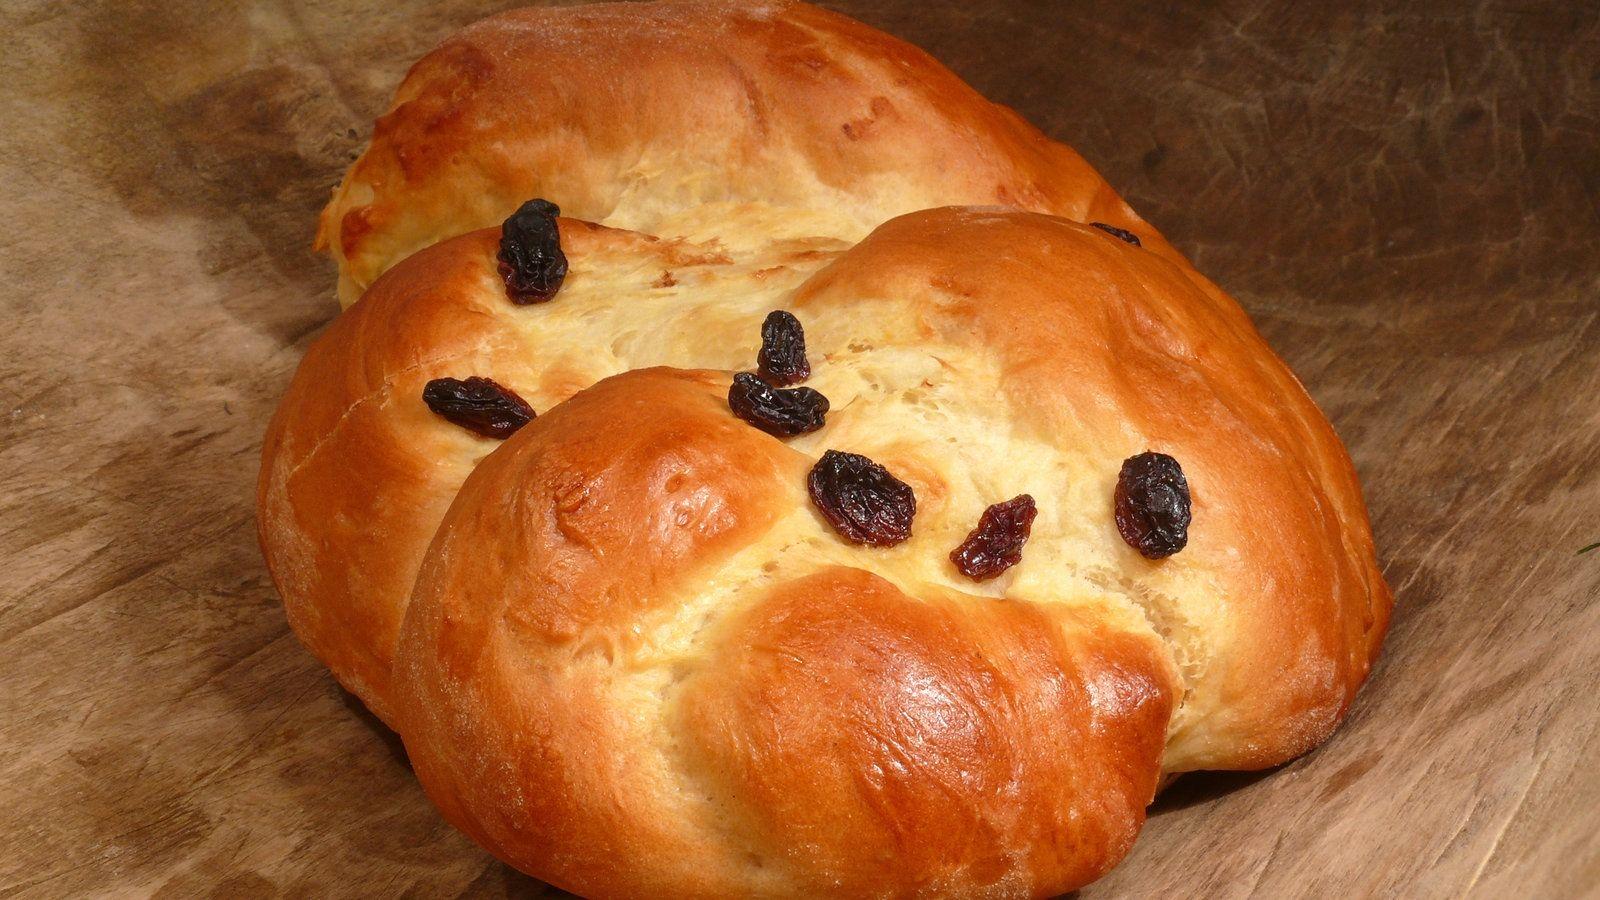 """In der neuen Serie der Deutschen Welle """"Baking Bread"""